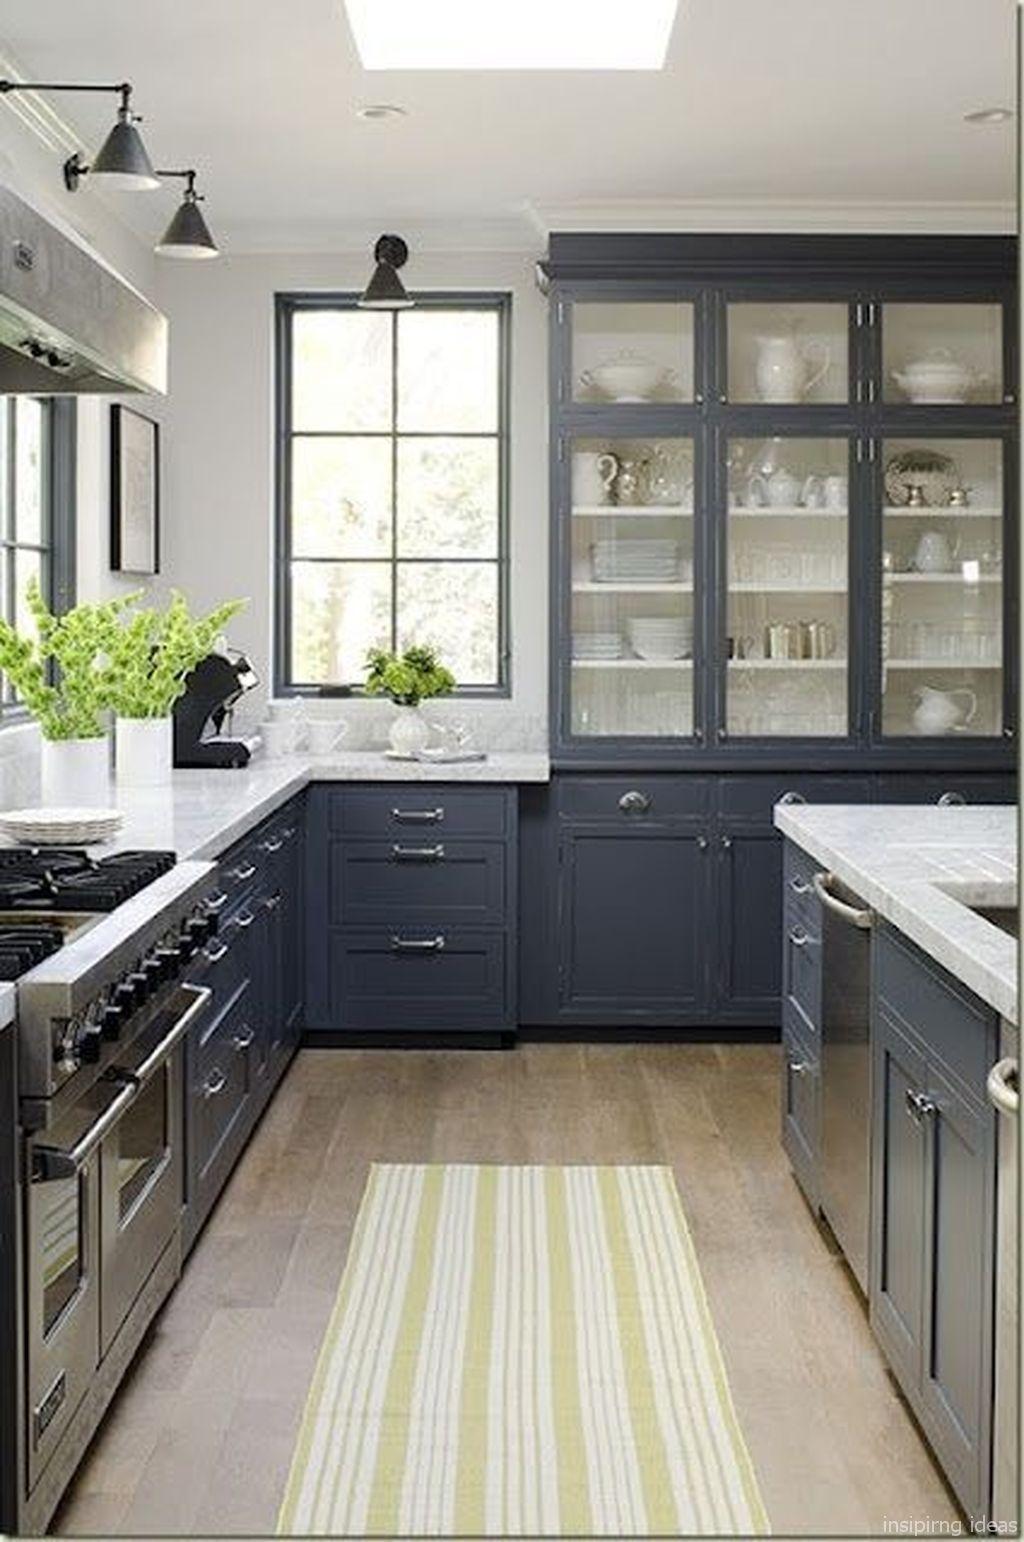 Luxury modern kitchen design ideas kitchendesignideas top